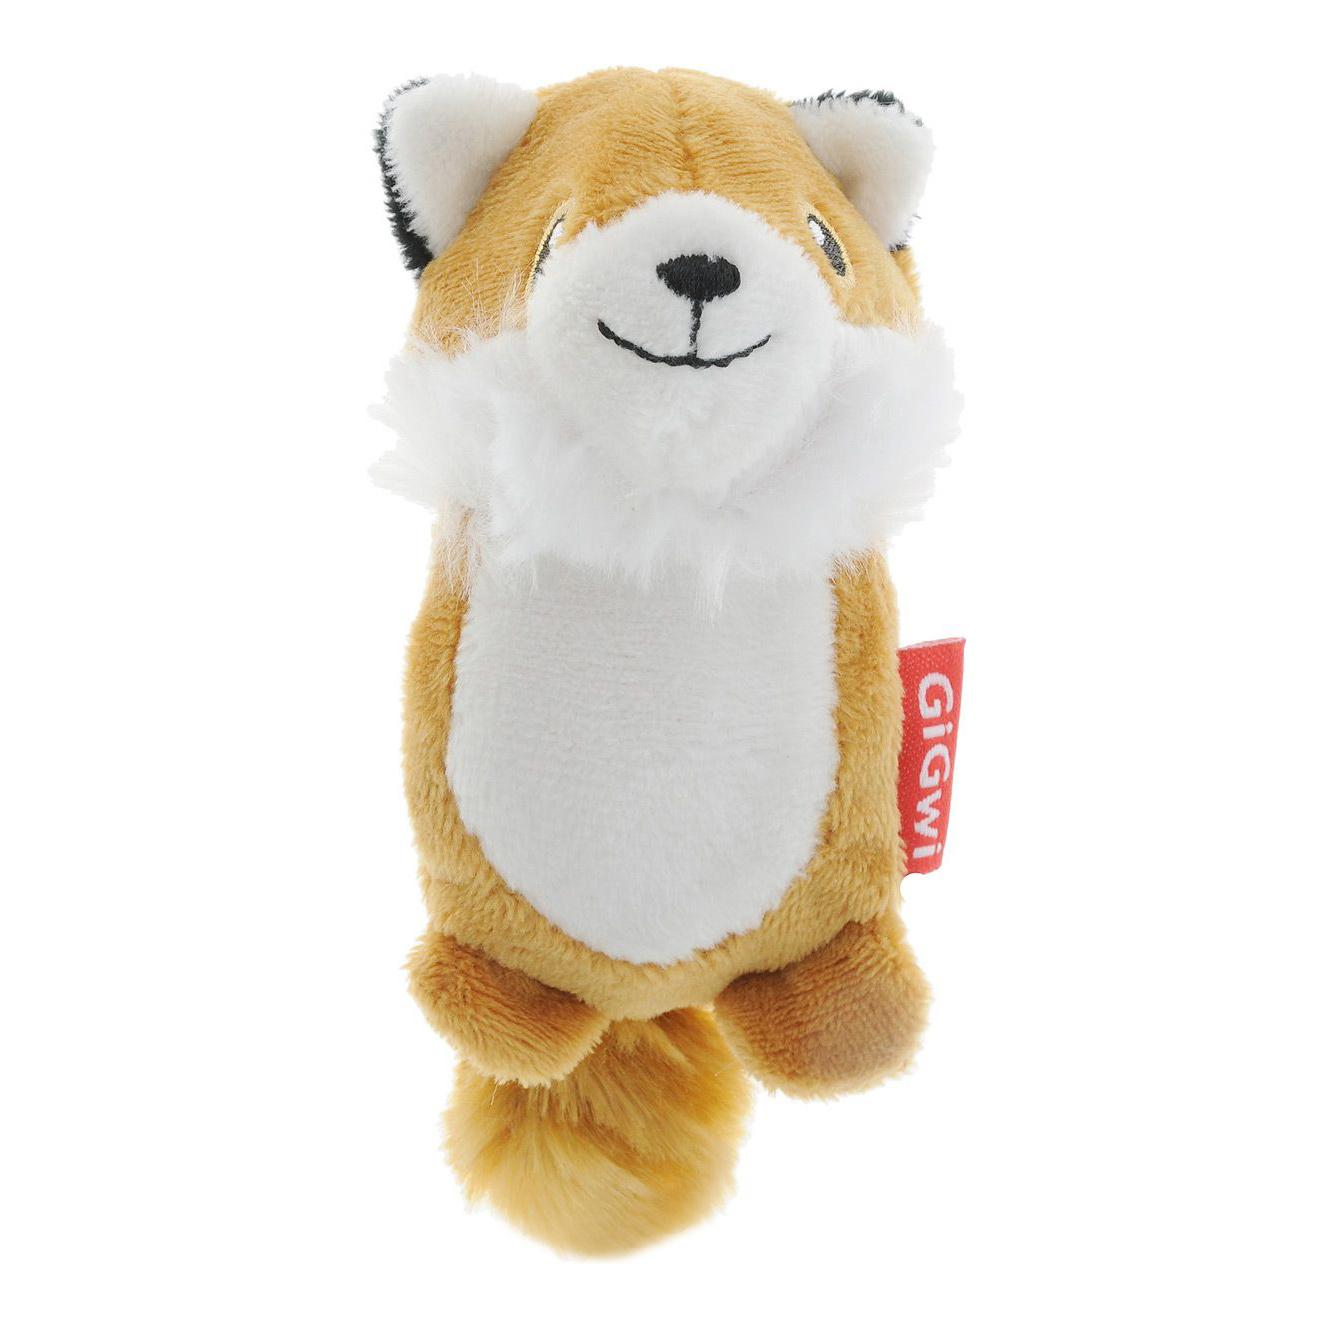 Мягкая игрушка для собак GiGwi Лисичка с 2-мя пищалками, длина 12 см